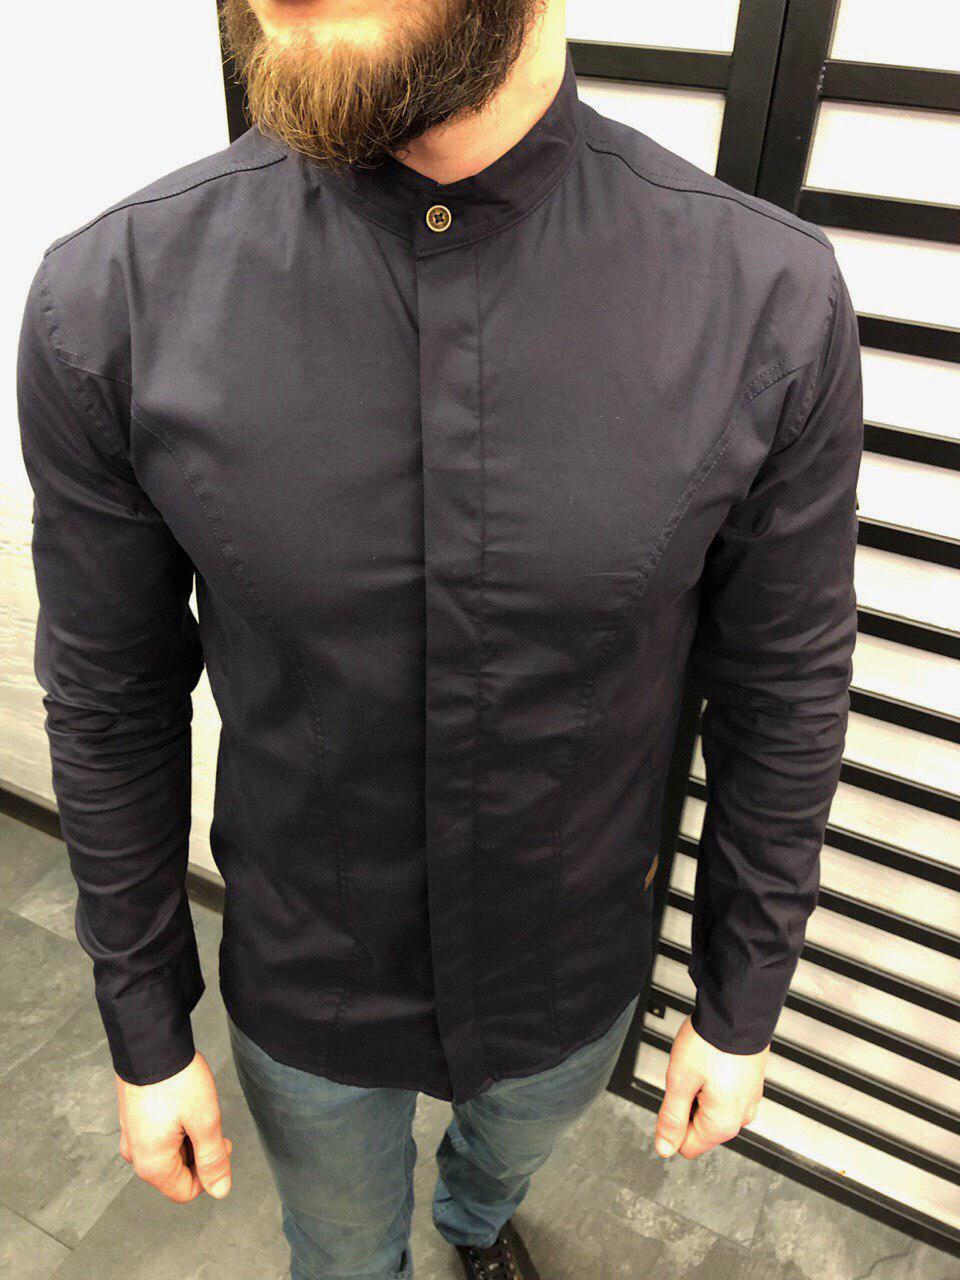 3deefbbaf54 Мужская рубашка приталенная цвета антрацит с воротником стойка - Интернет- магазин обуви и одежды KedON